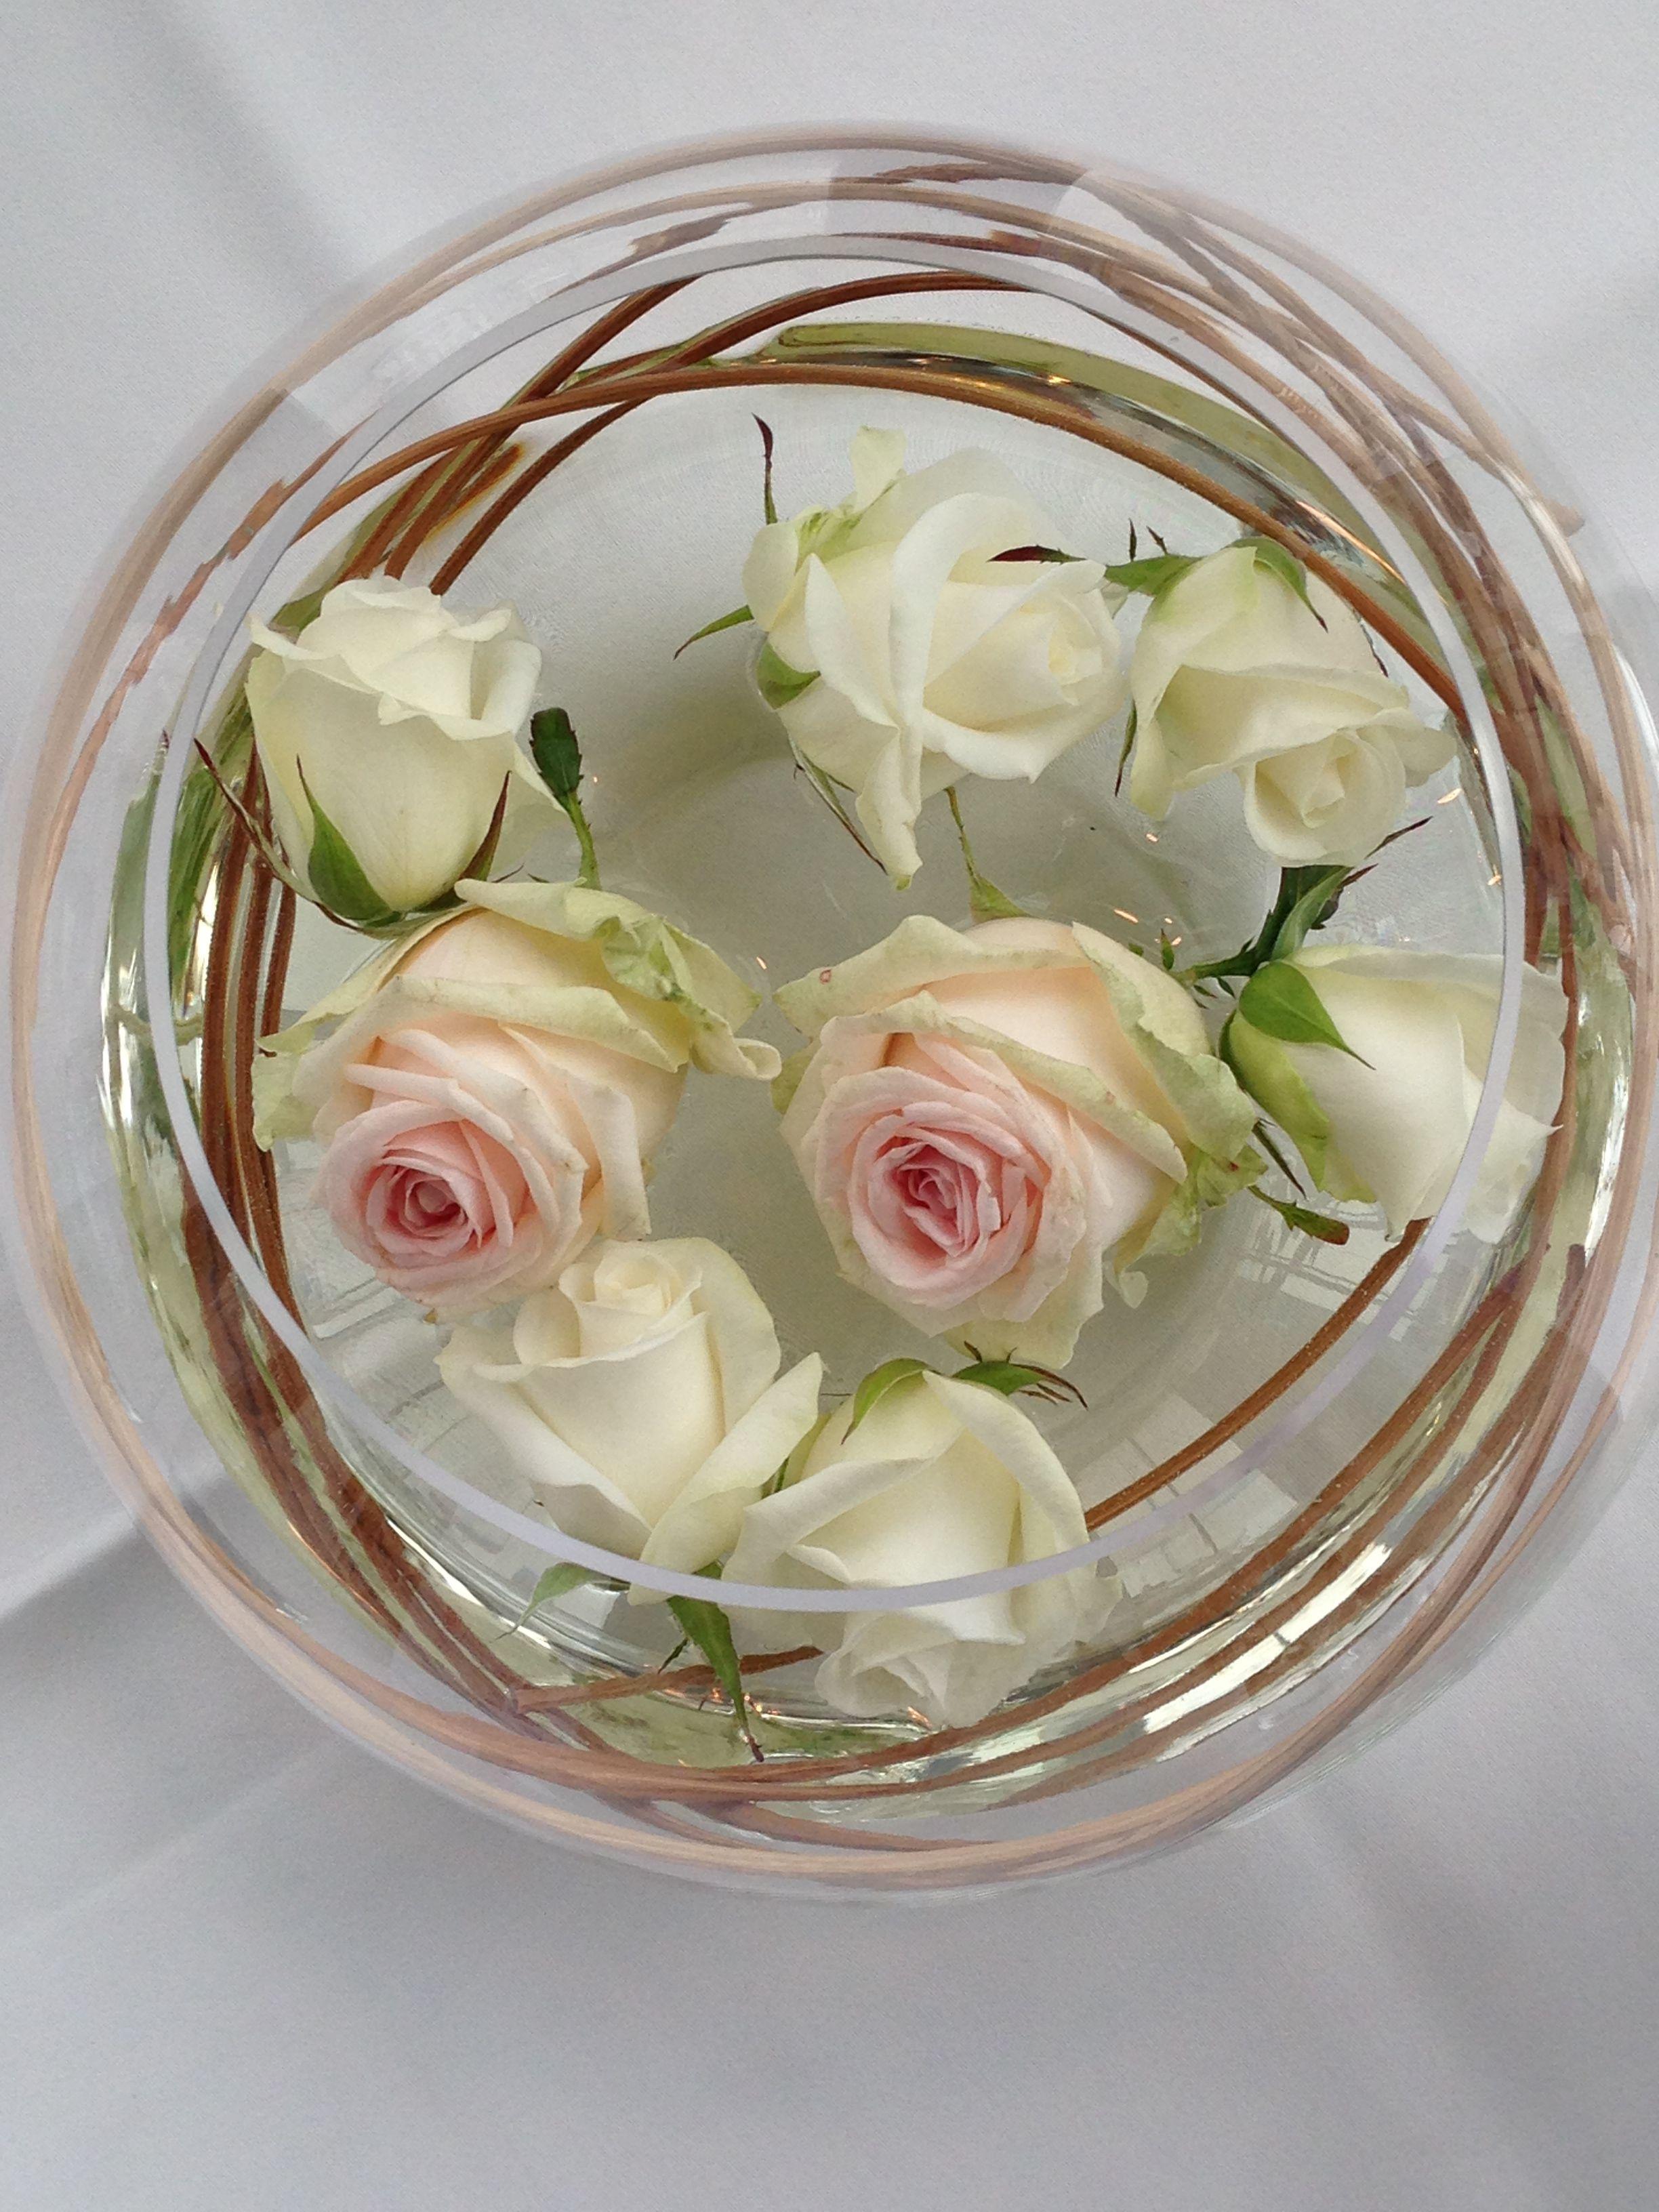 Zaaldecoratie Tafeldecoratie Huwelijk Trouw Bruiloftdecoratie Huwelijk Bruidsboeket